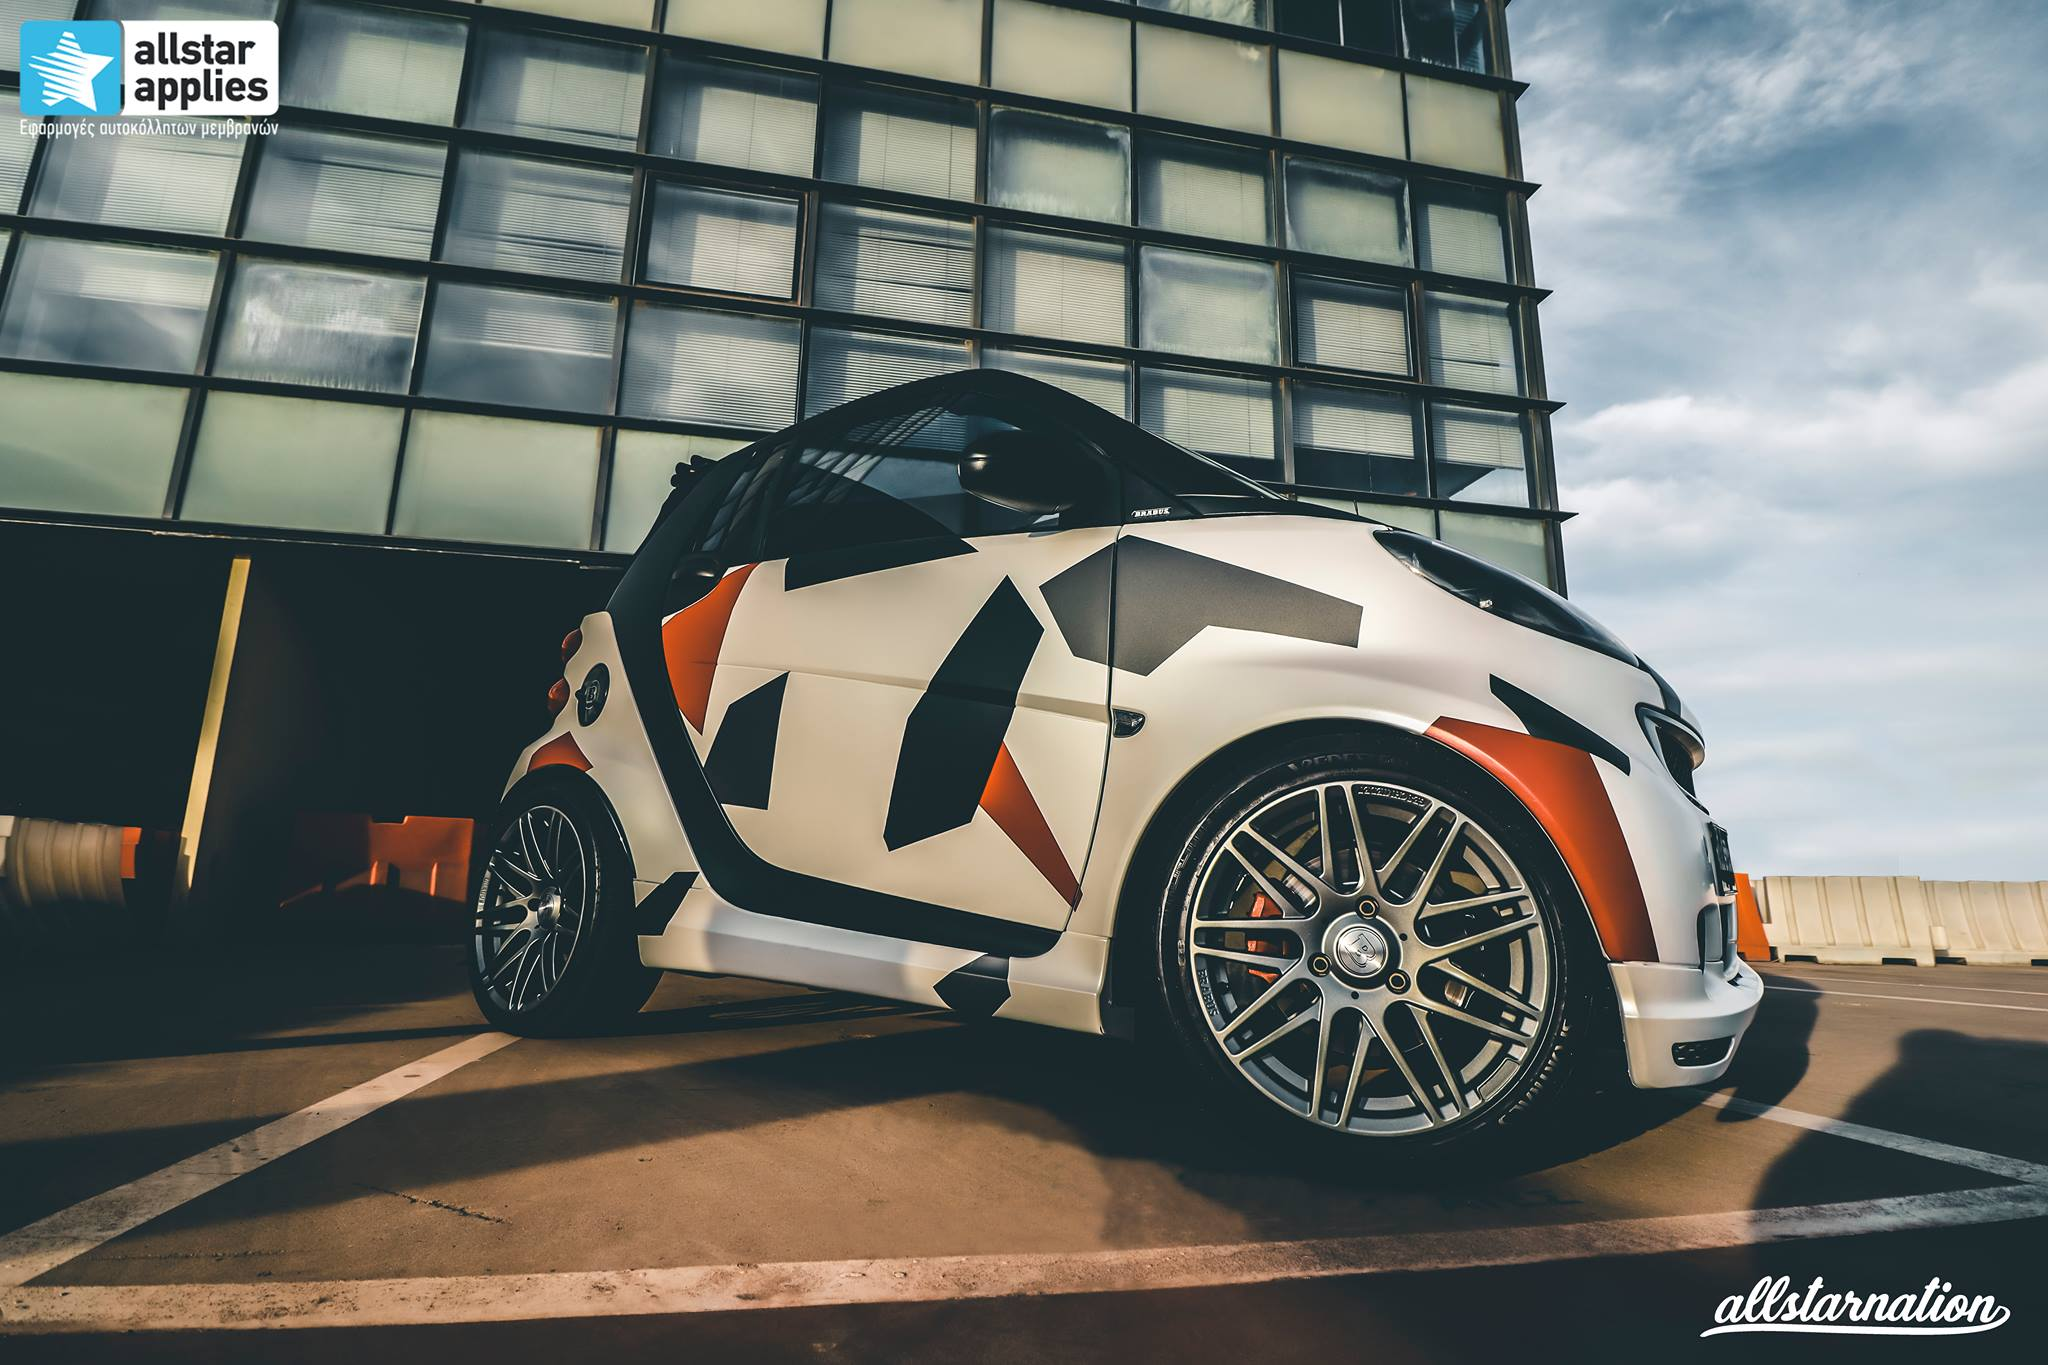 ντύσιμο αυτοκινήτου με αυτοκόλλητα καμουφλάζ Θεσσαλονίκη